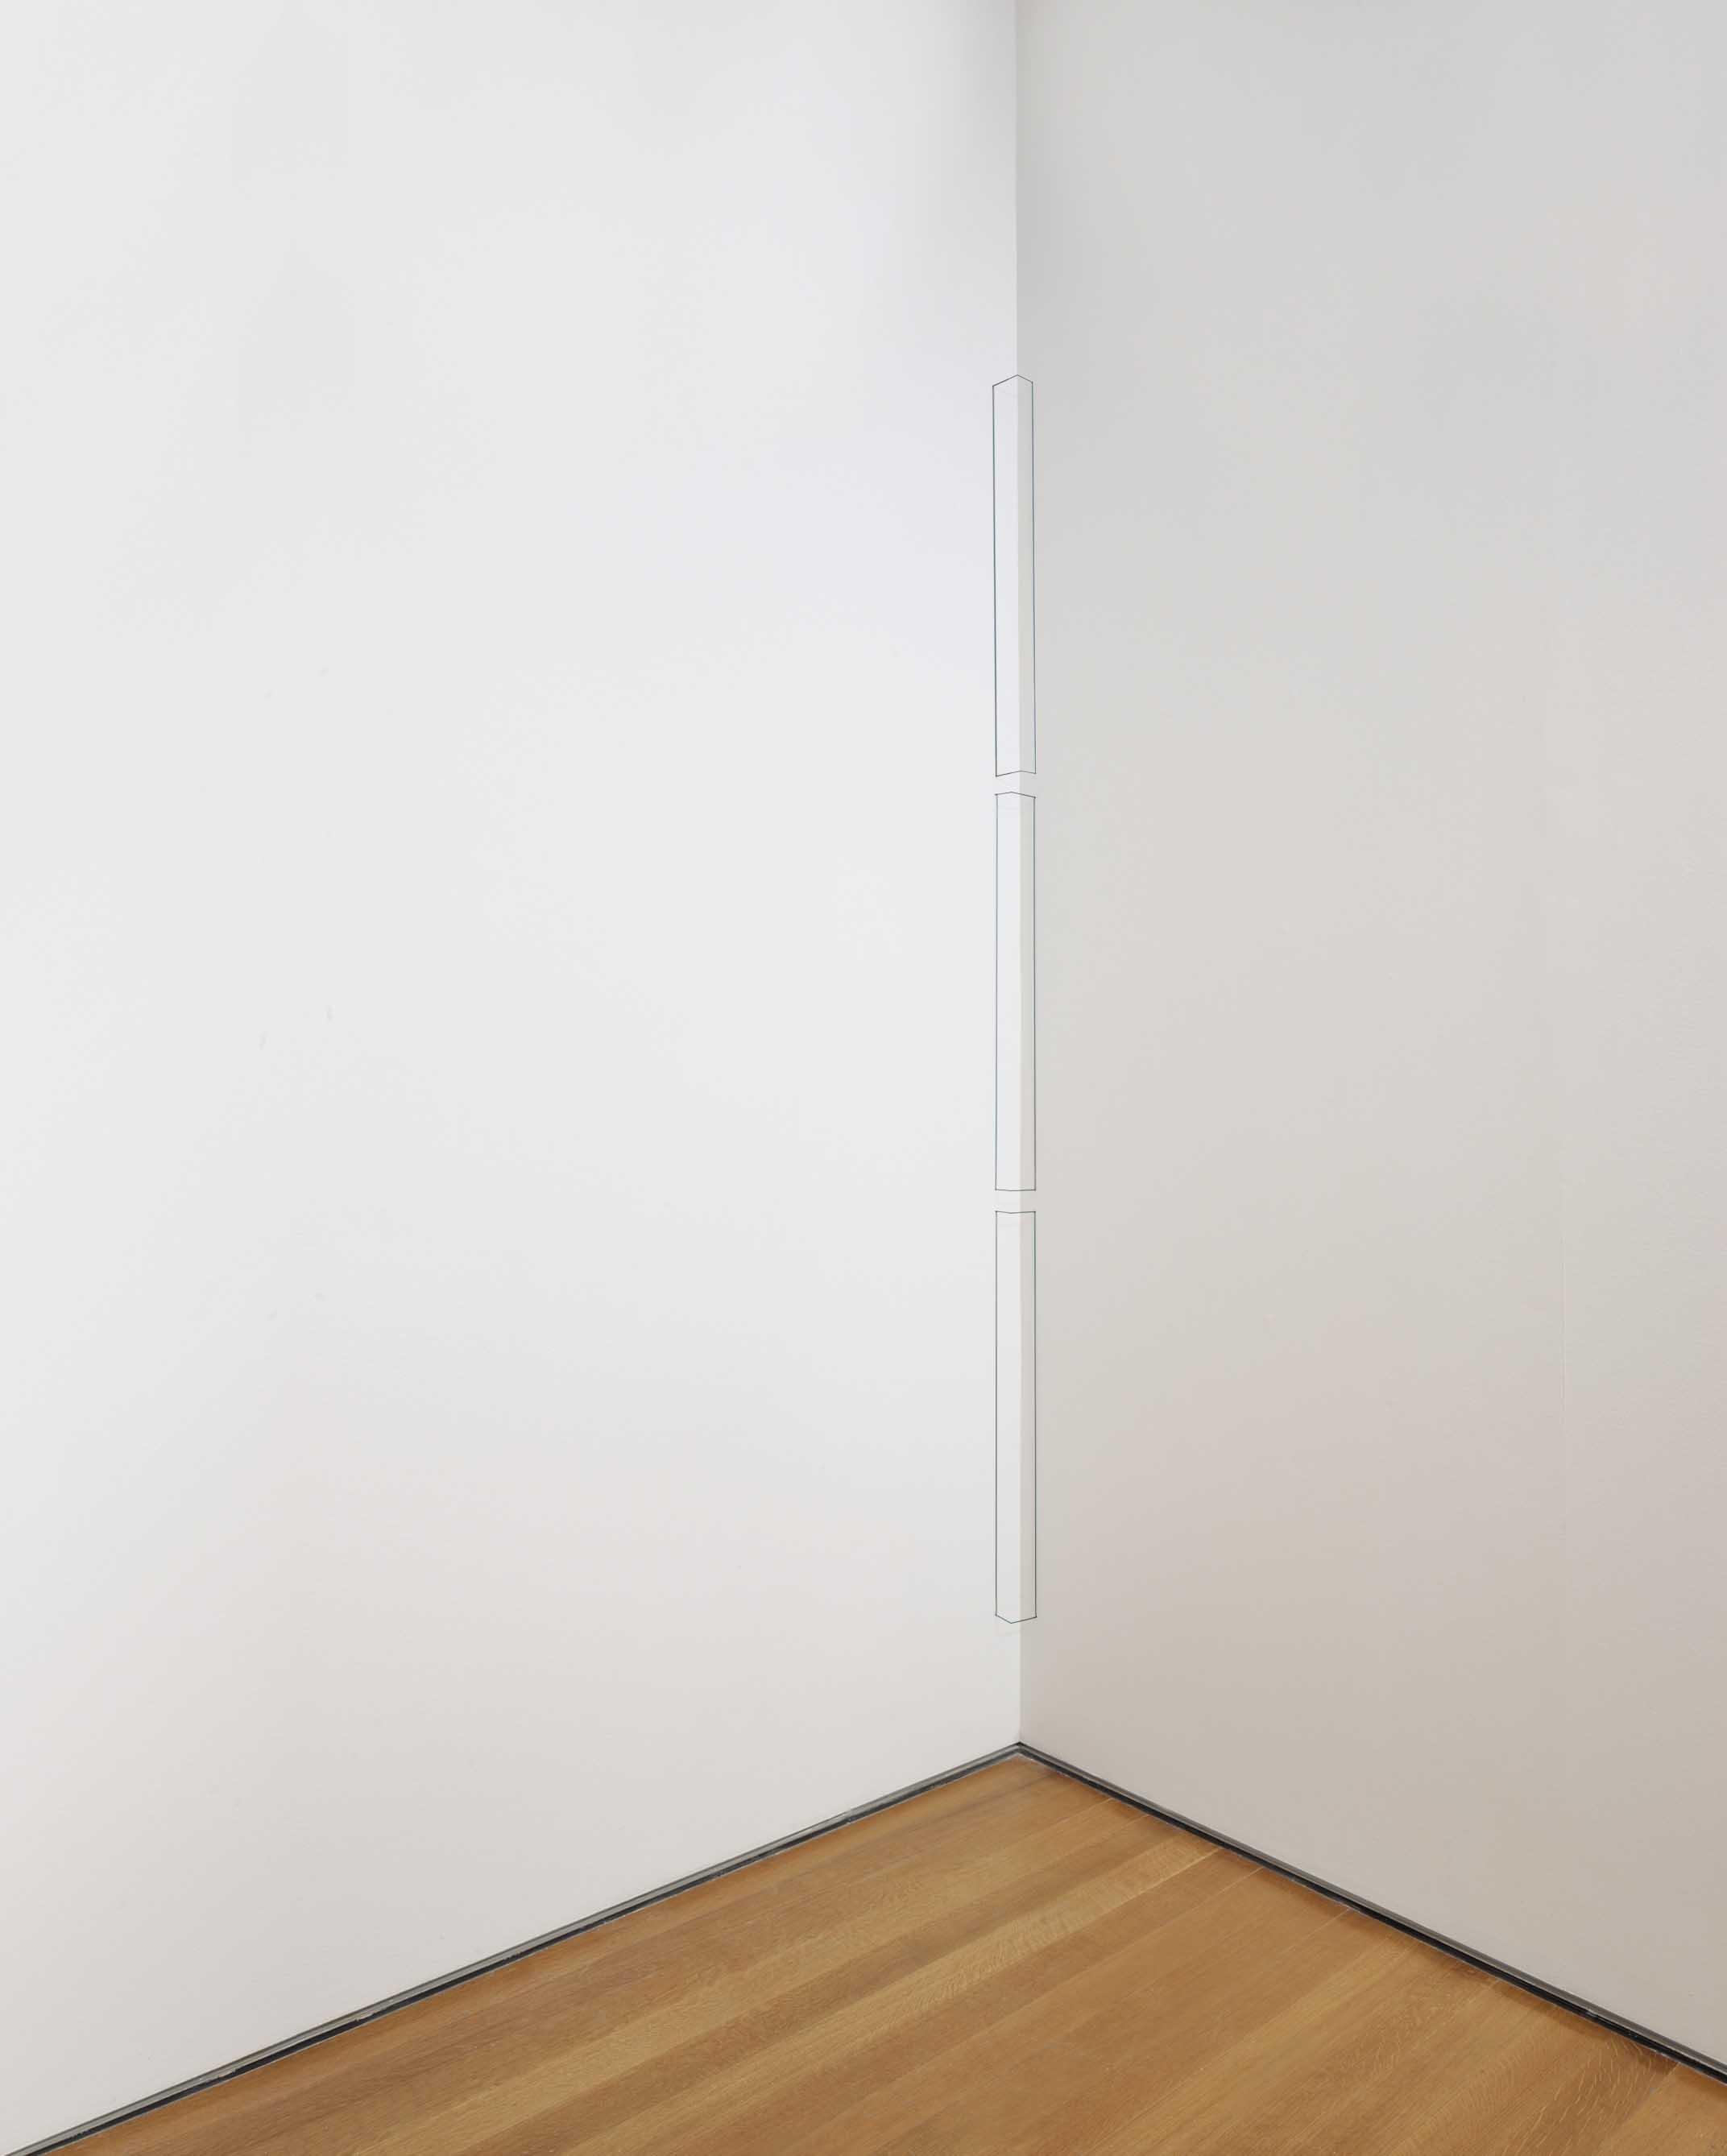 Untitled (Vertical Corner Piece) [RLL]